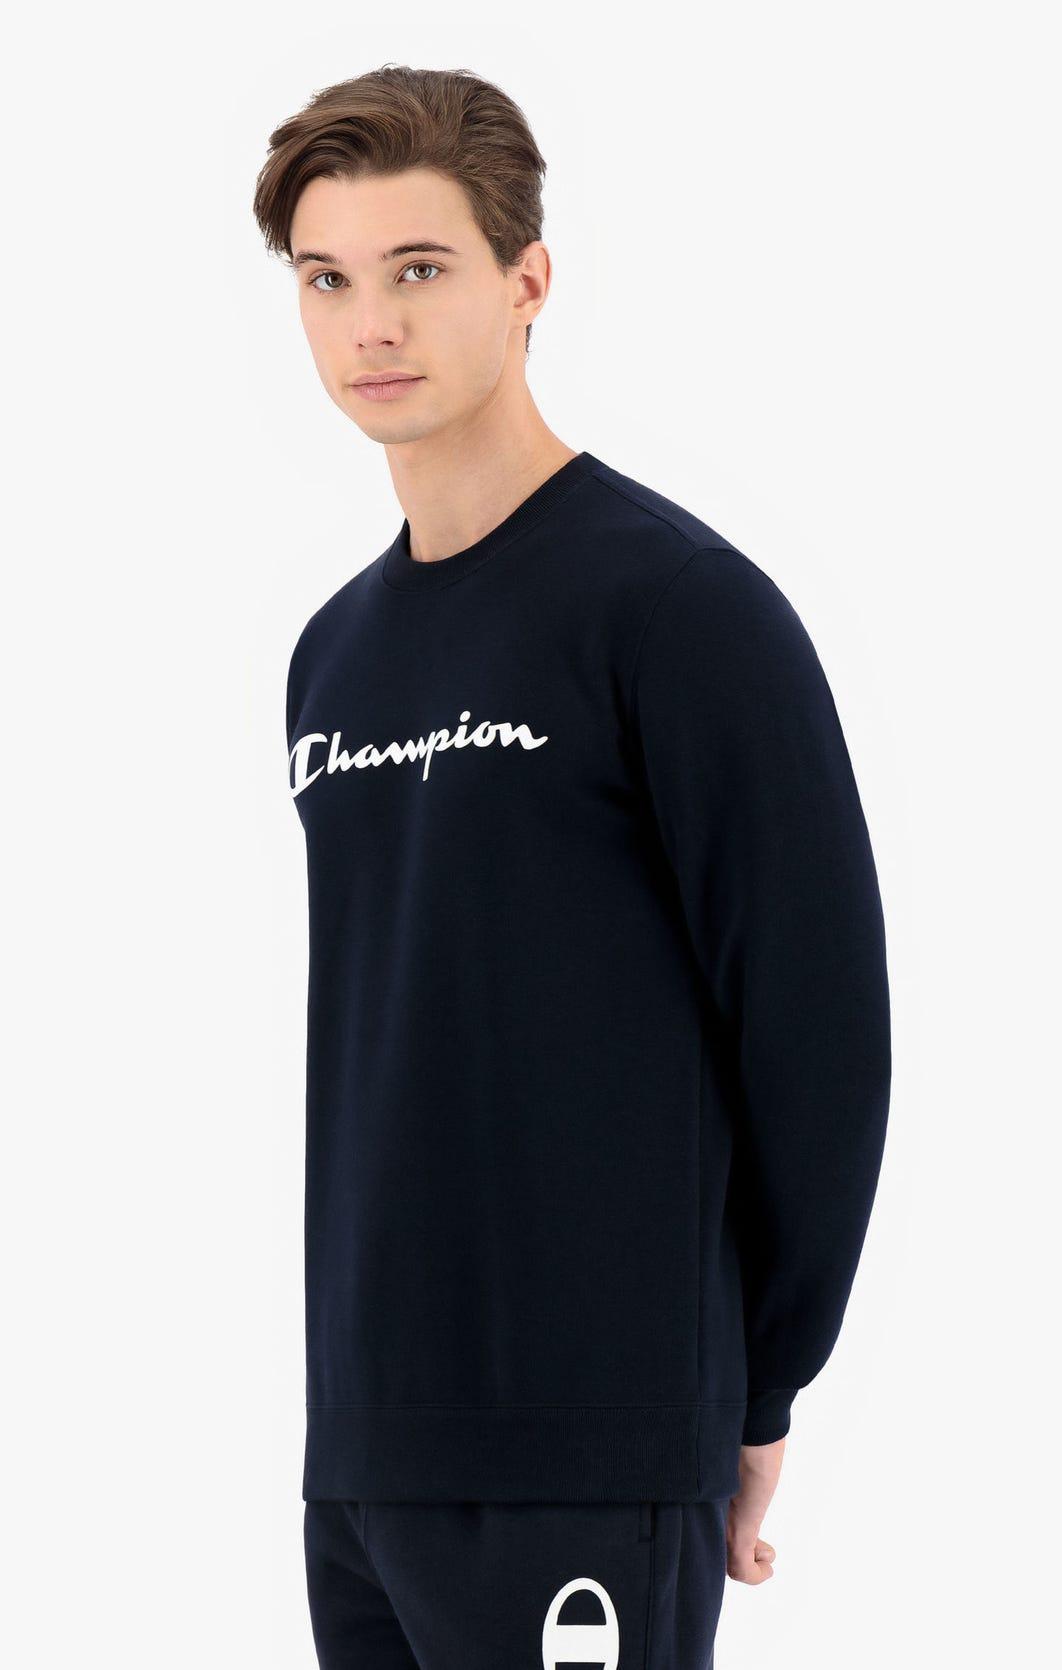 Champion Sweatshirt aus Baumwollfrottee mit Printlogo-Schriftzug